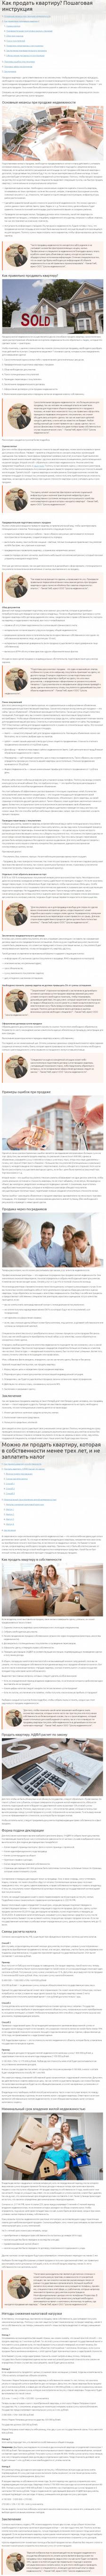 НЕДВИЖИМОСТЬ | Школа недвижимости